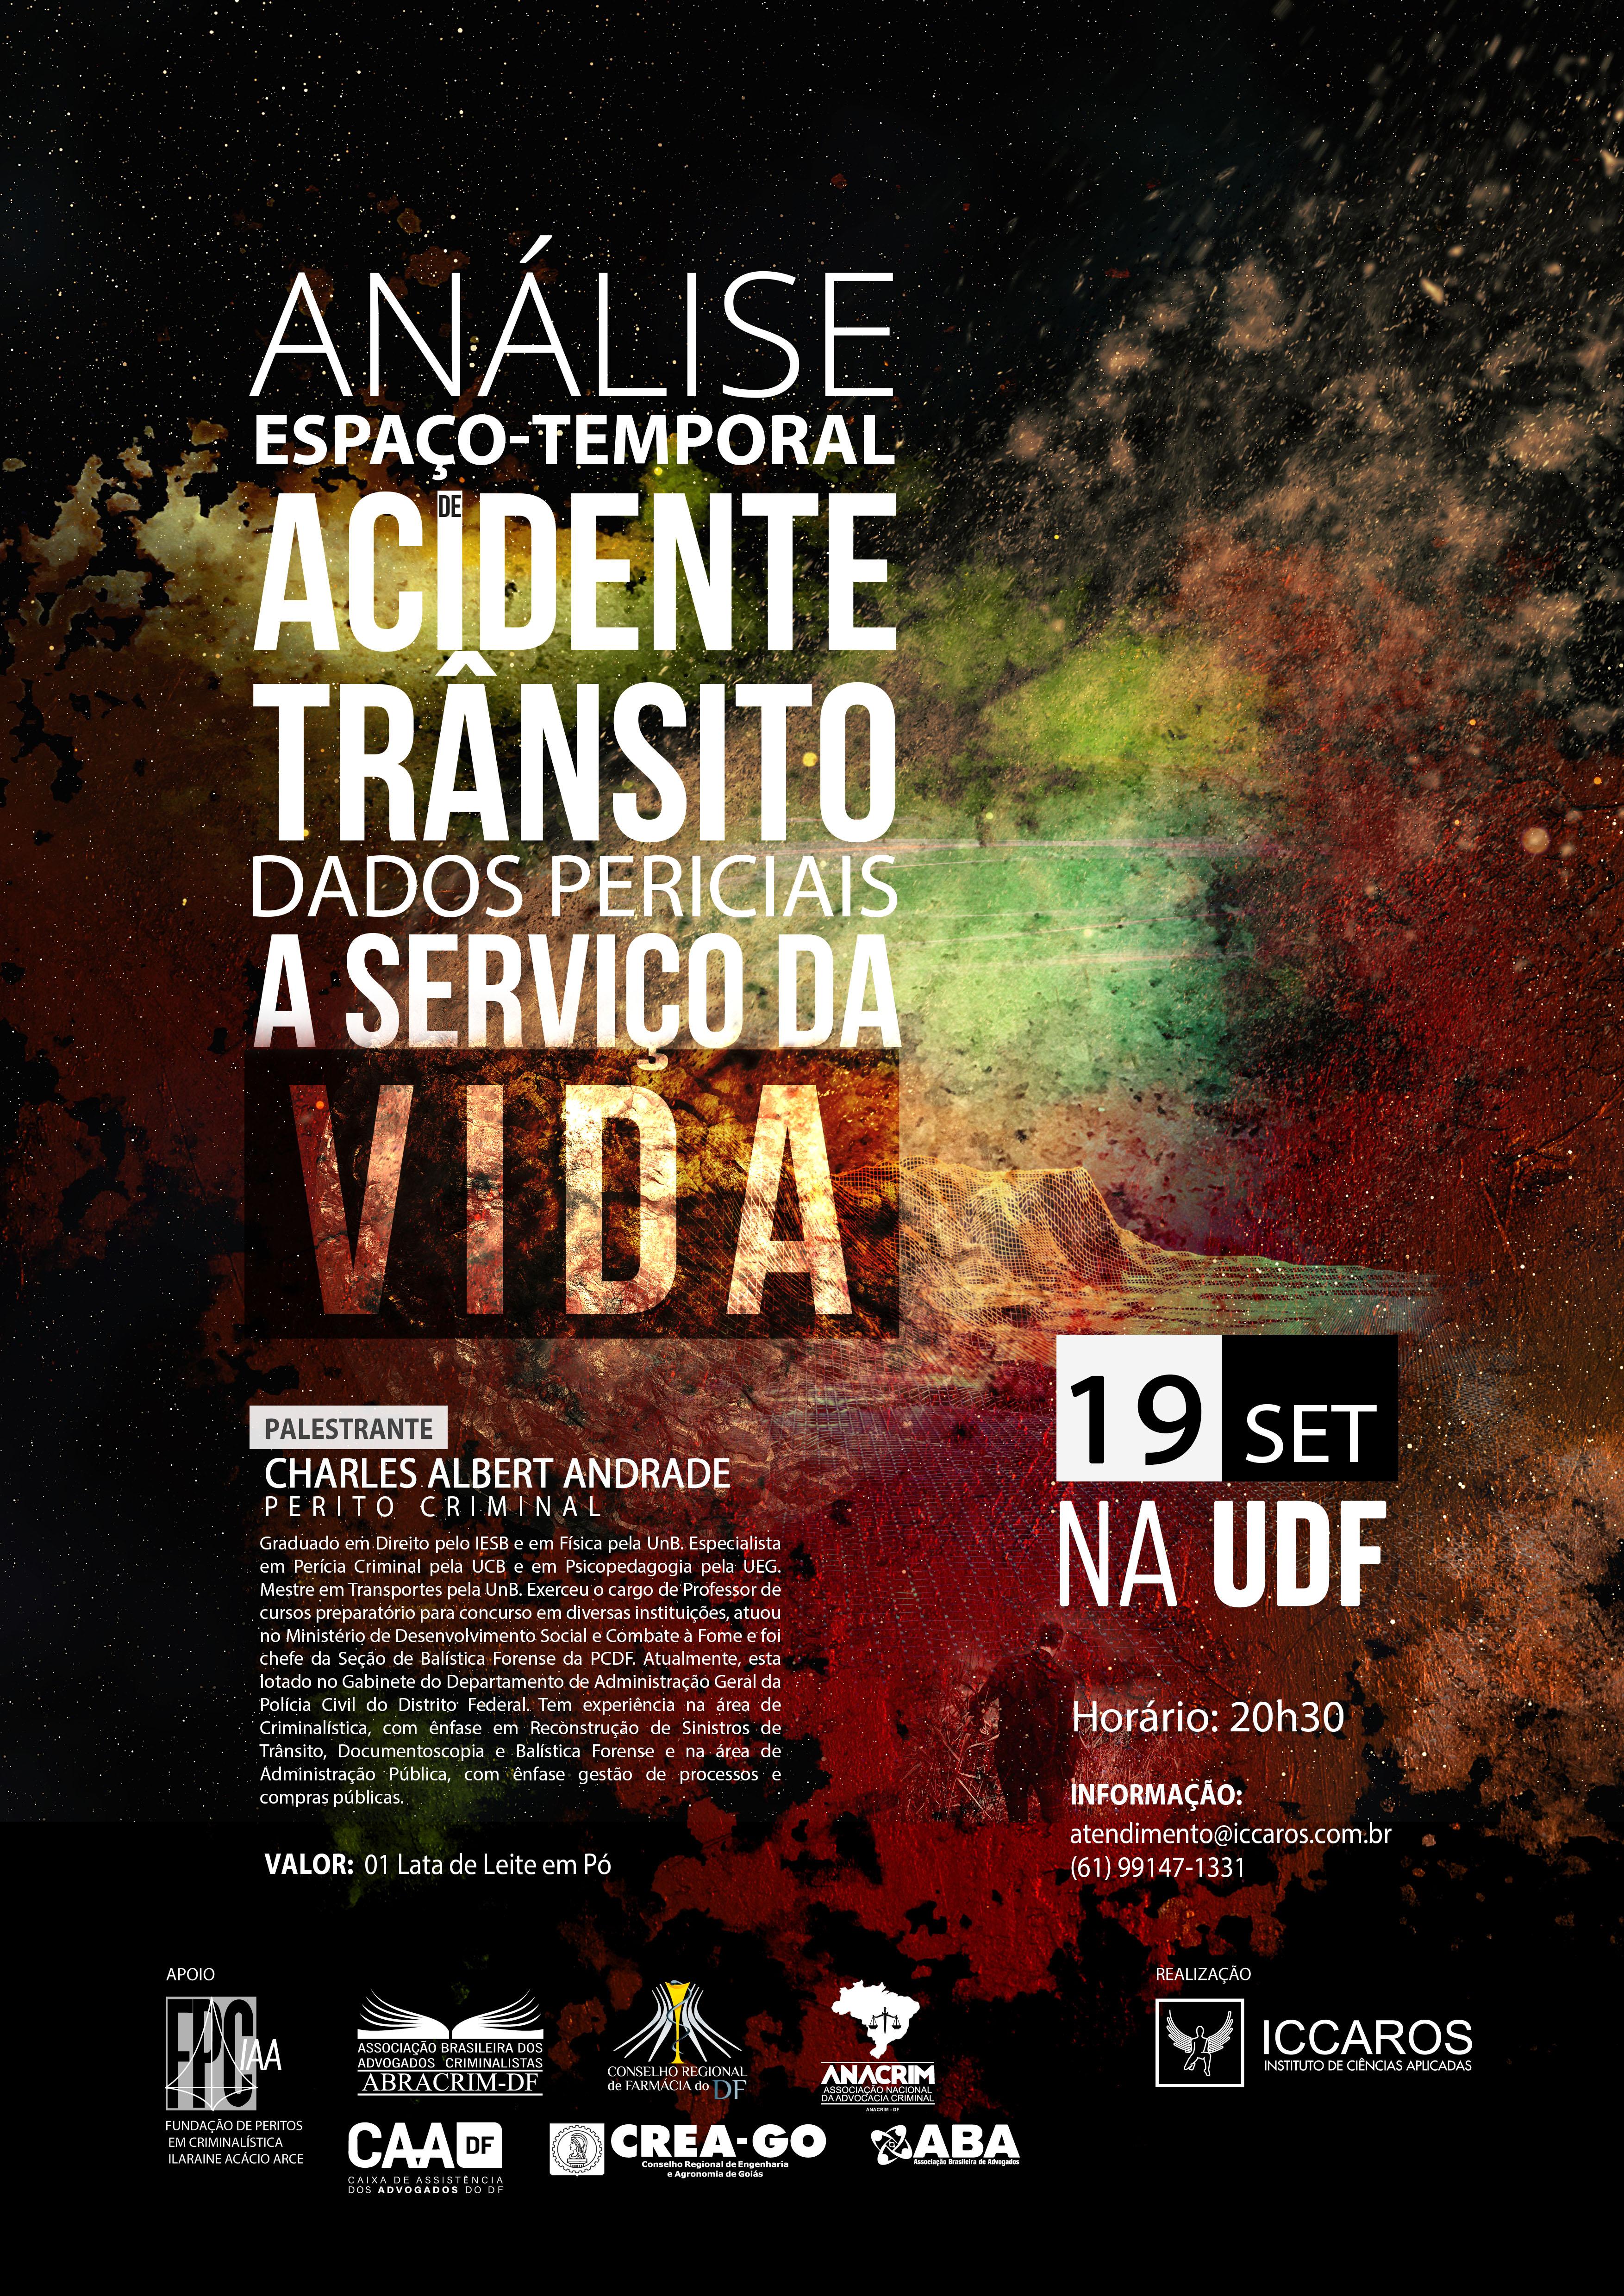 analise espaço temporal acidente de transito